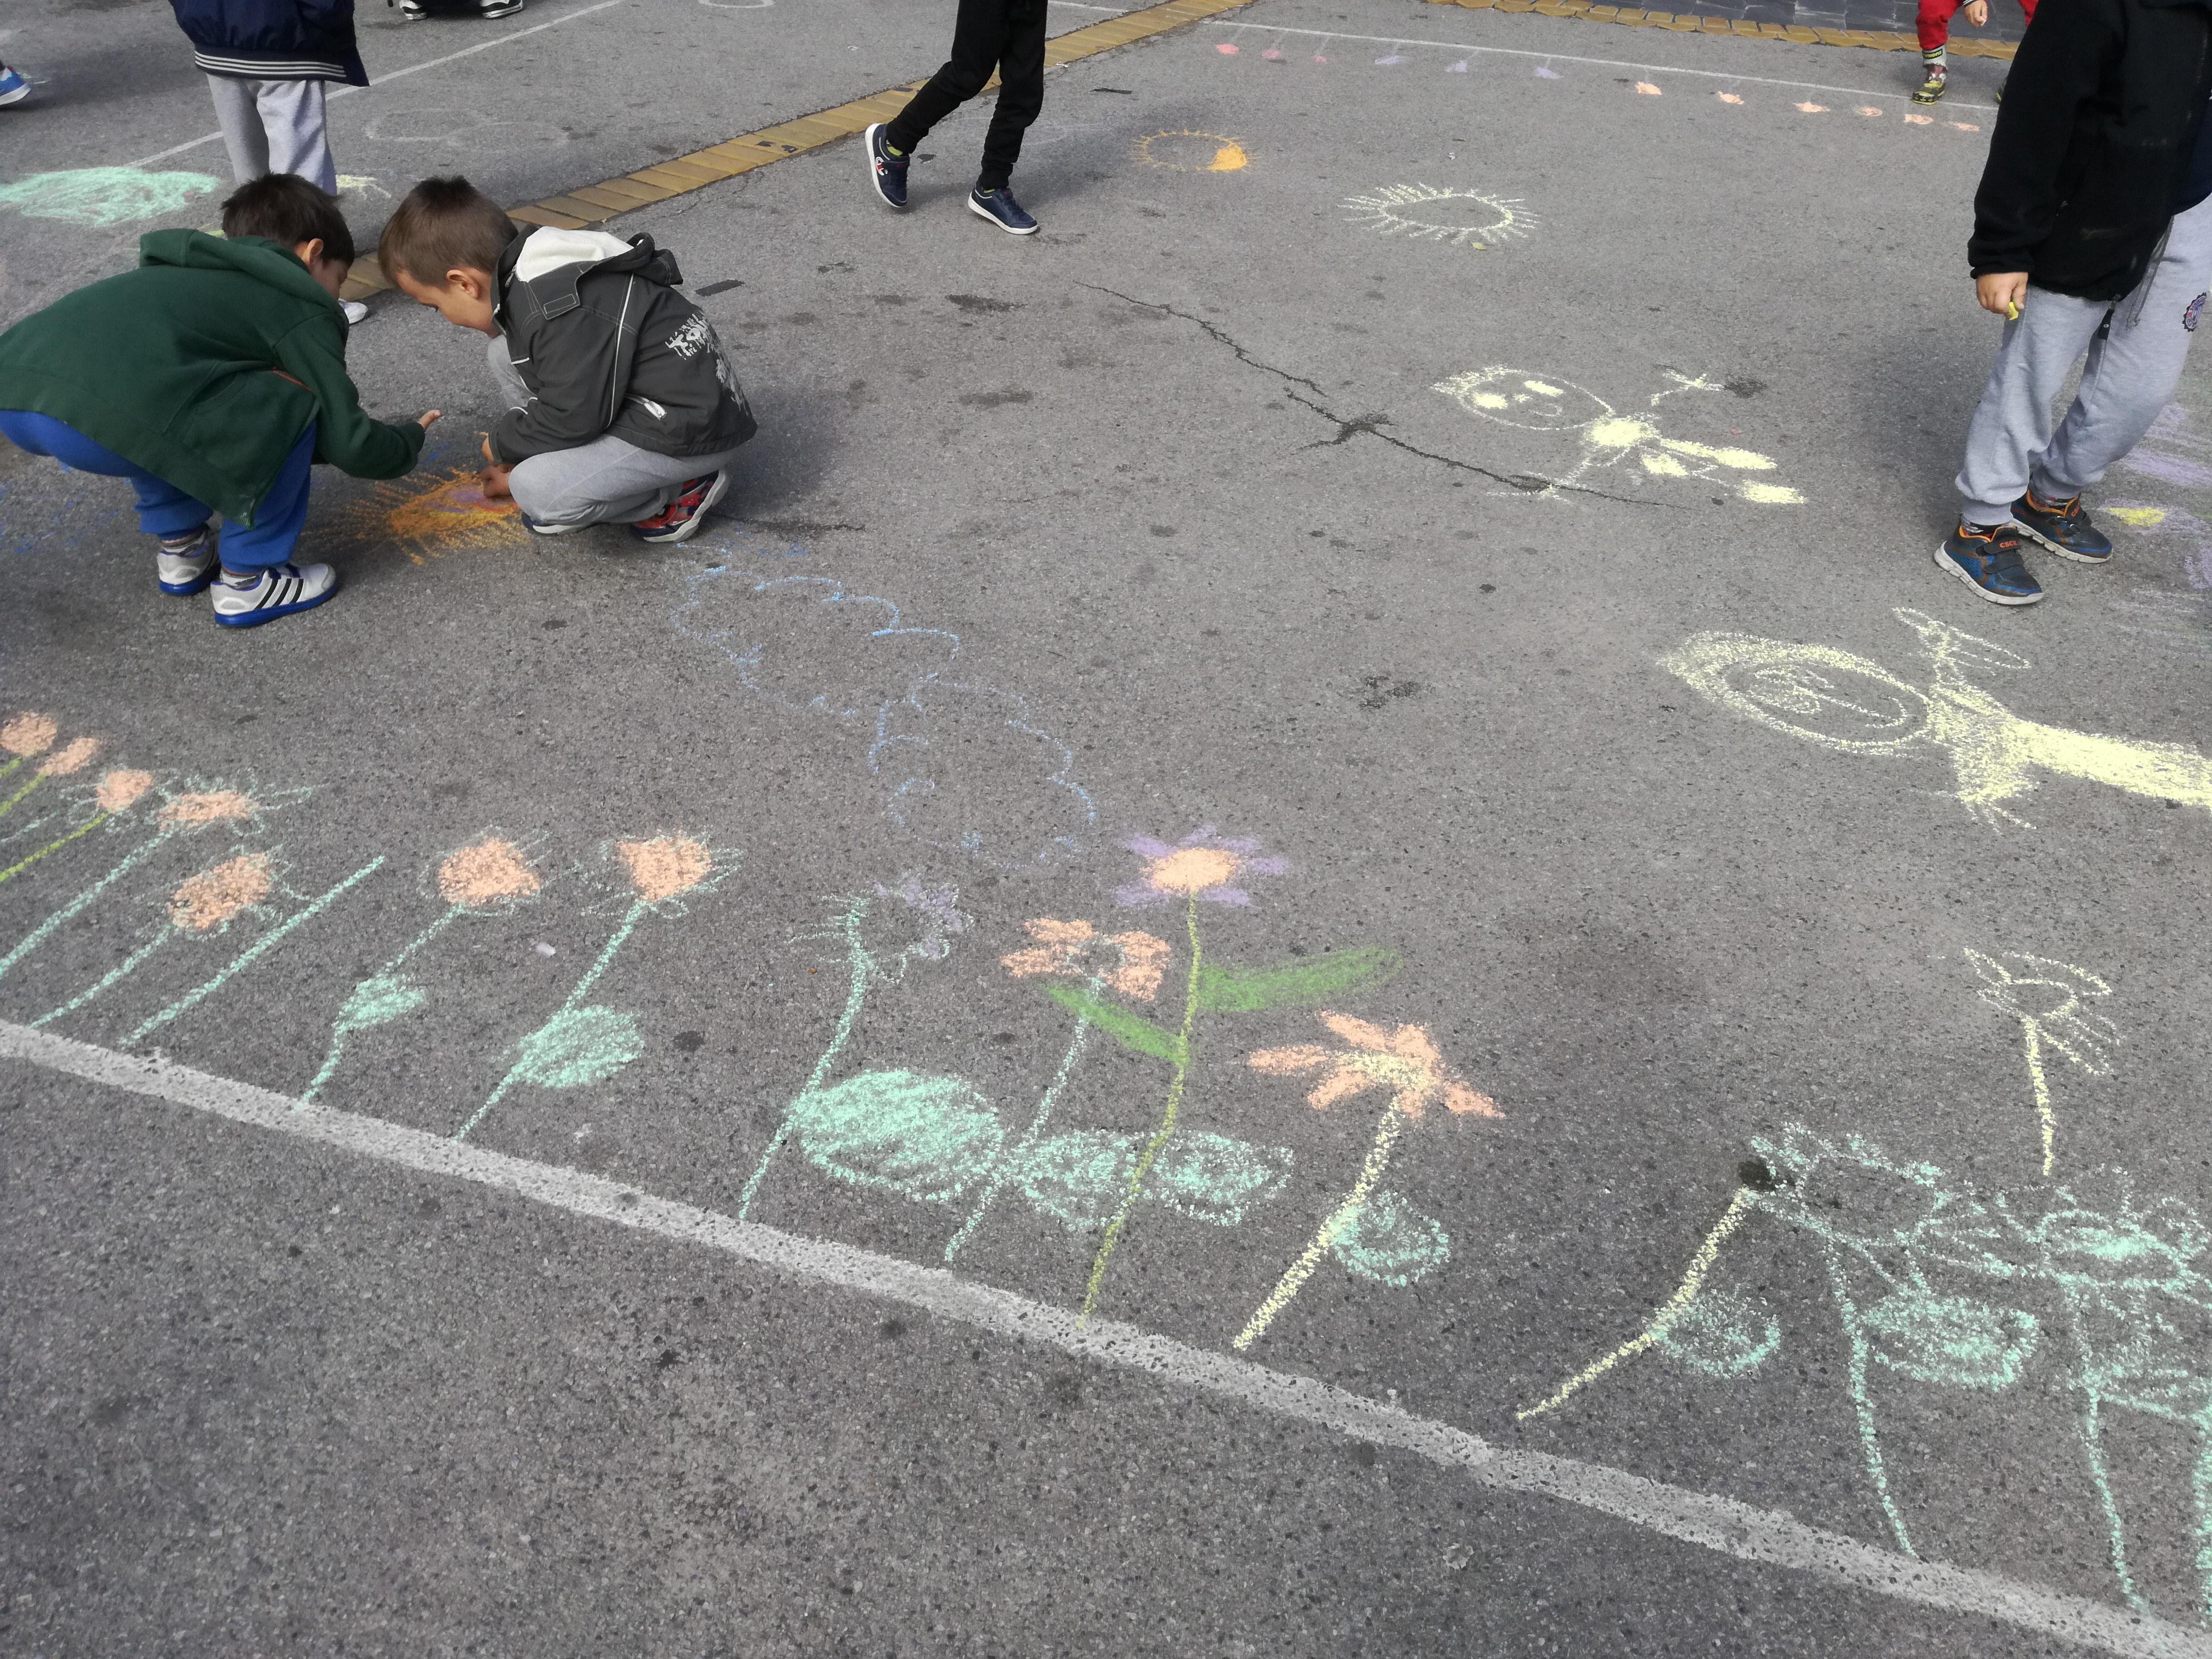 DEca crtaju na tgu na temu saobraćaja i ekologije. Foto: Nataša Aleksić.